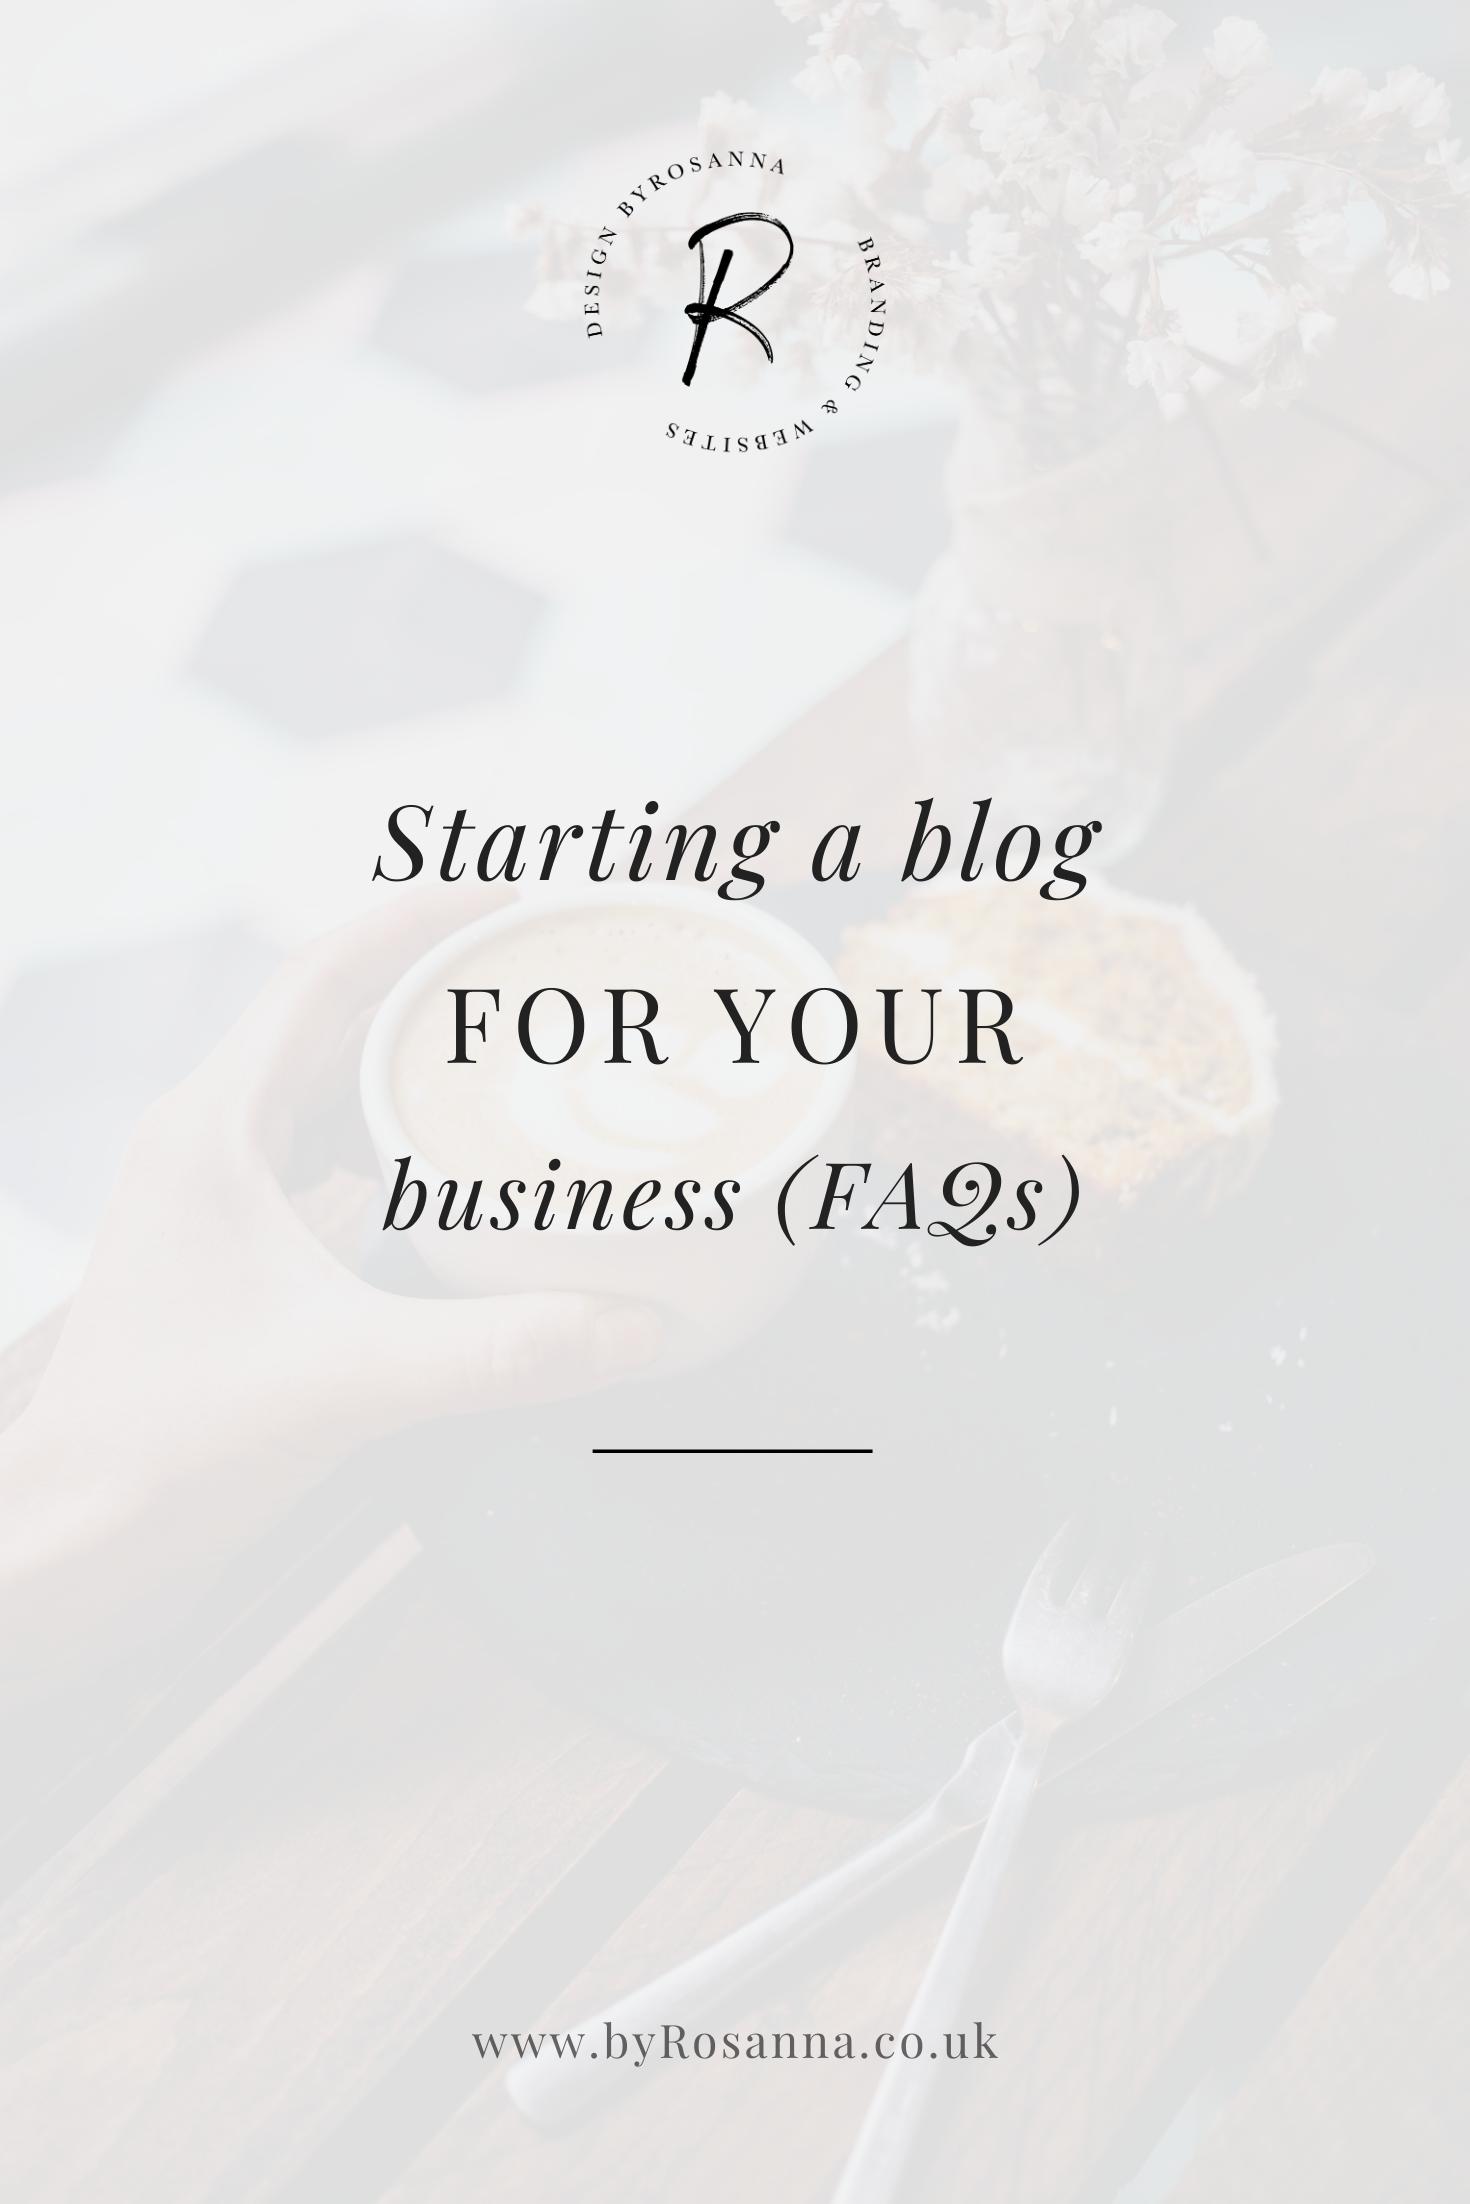 Starting a blog for your business (FAQs) | byRosanna | #bloggingtips #businessblog